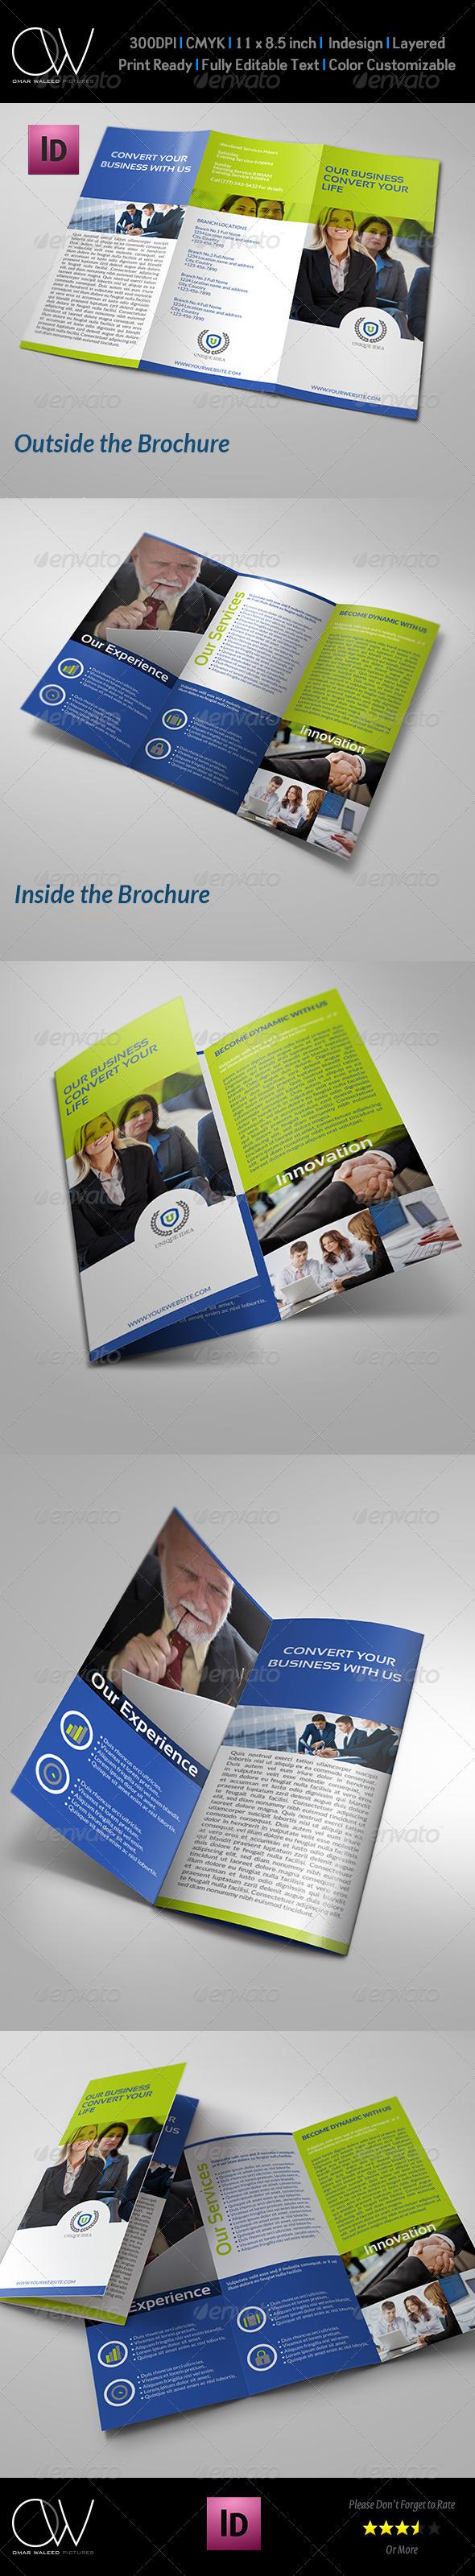 GraphicRiver Corporate Business Tri-Fold Brochure Vol.5 7025583